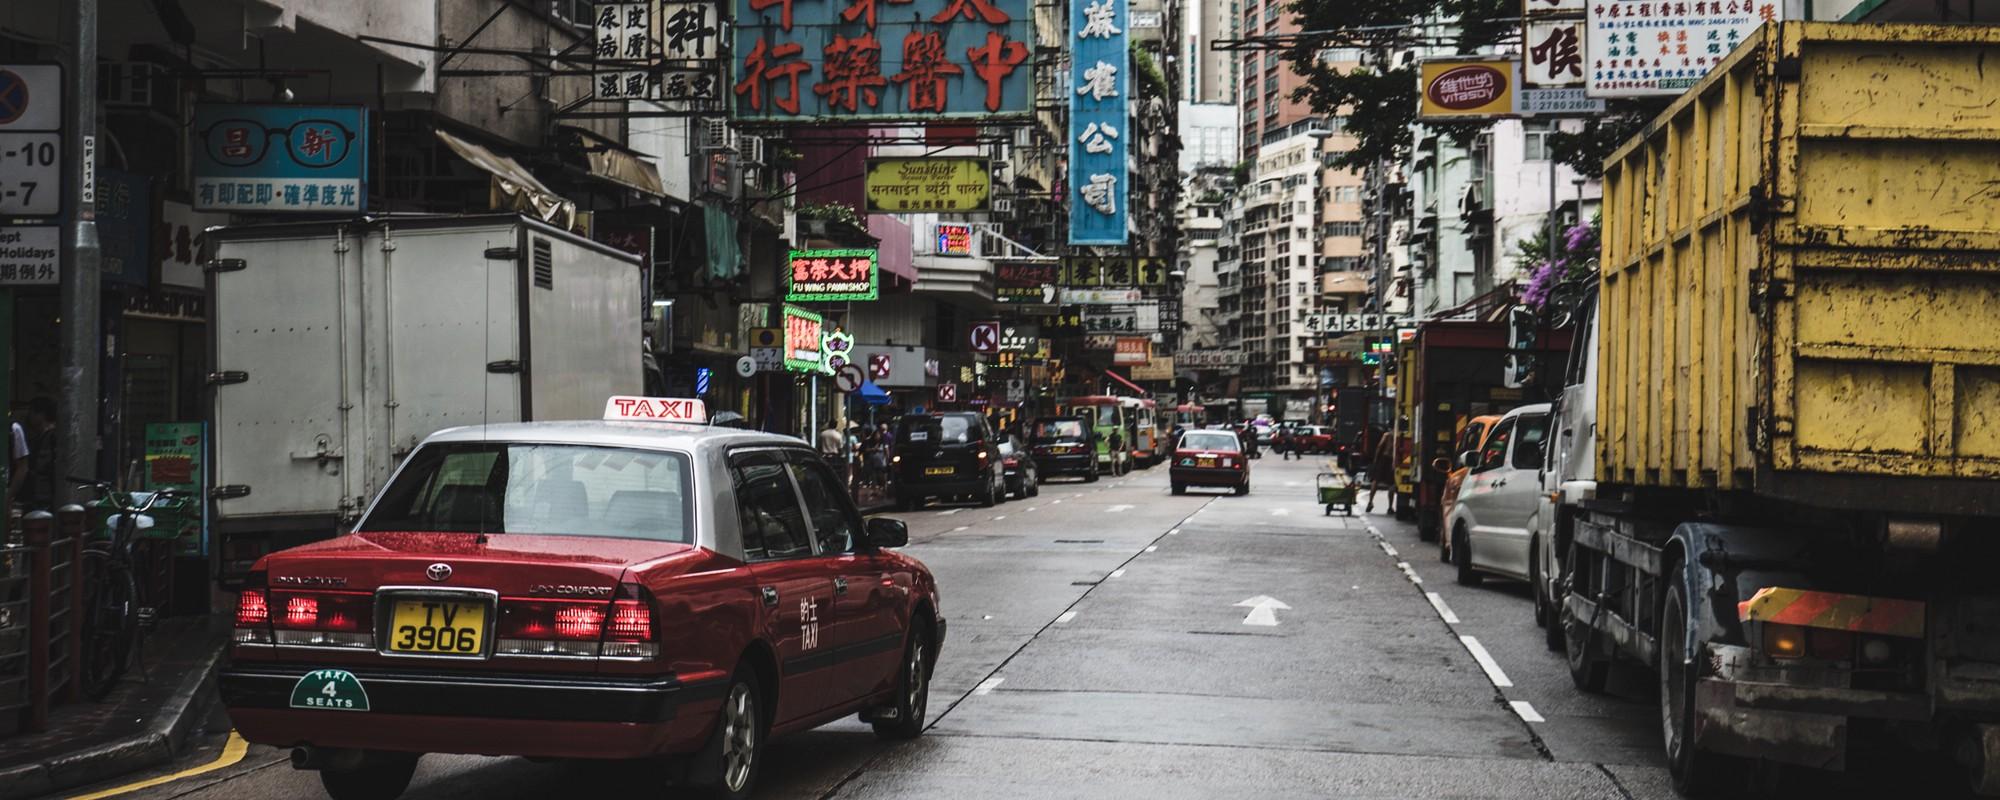 Straatbeeld van China, waar de unu elektrische scooters worden gemaakt